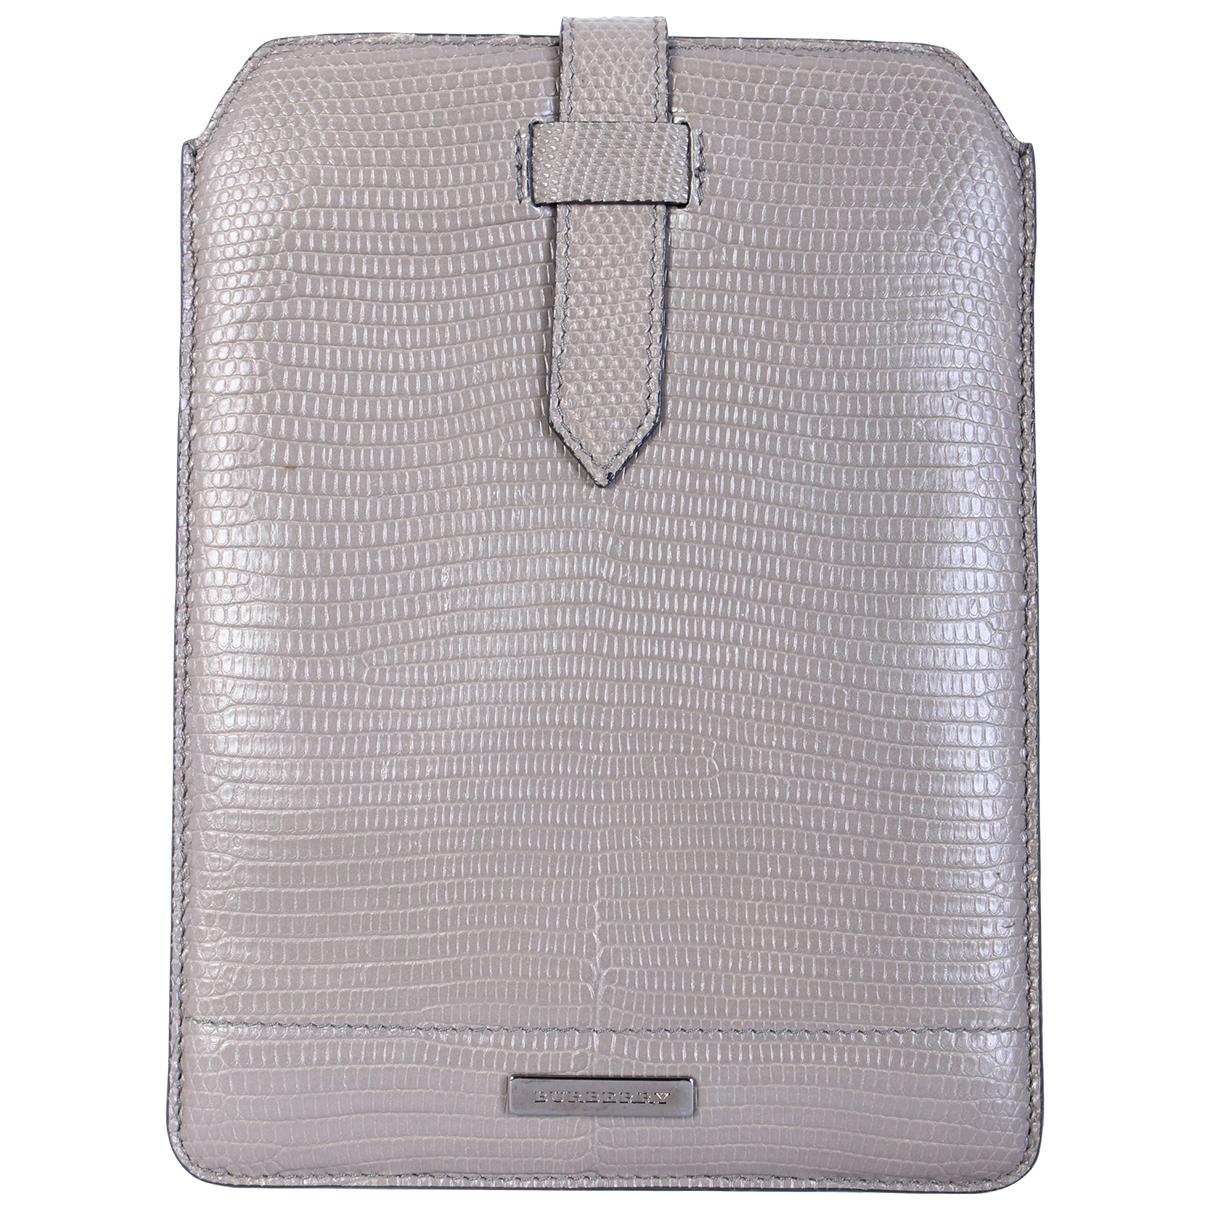 Burberry - Accessoires   pour lifestyle en cuir - gris